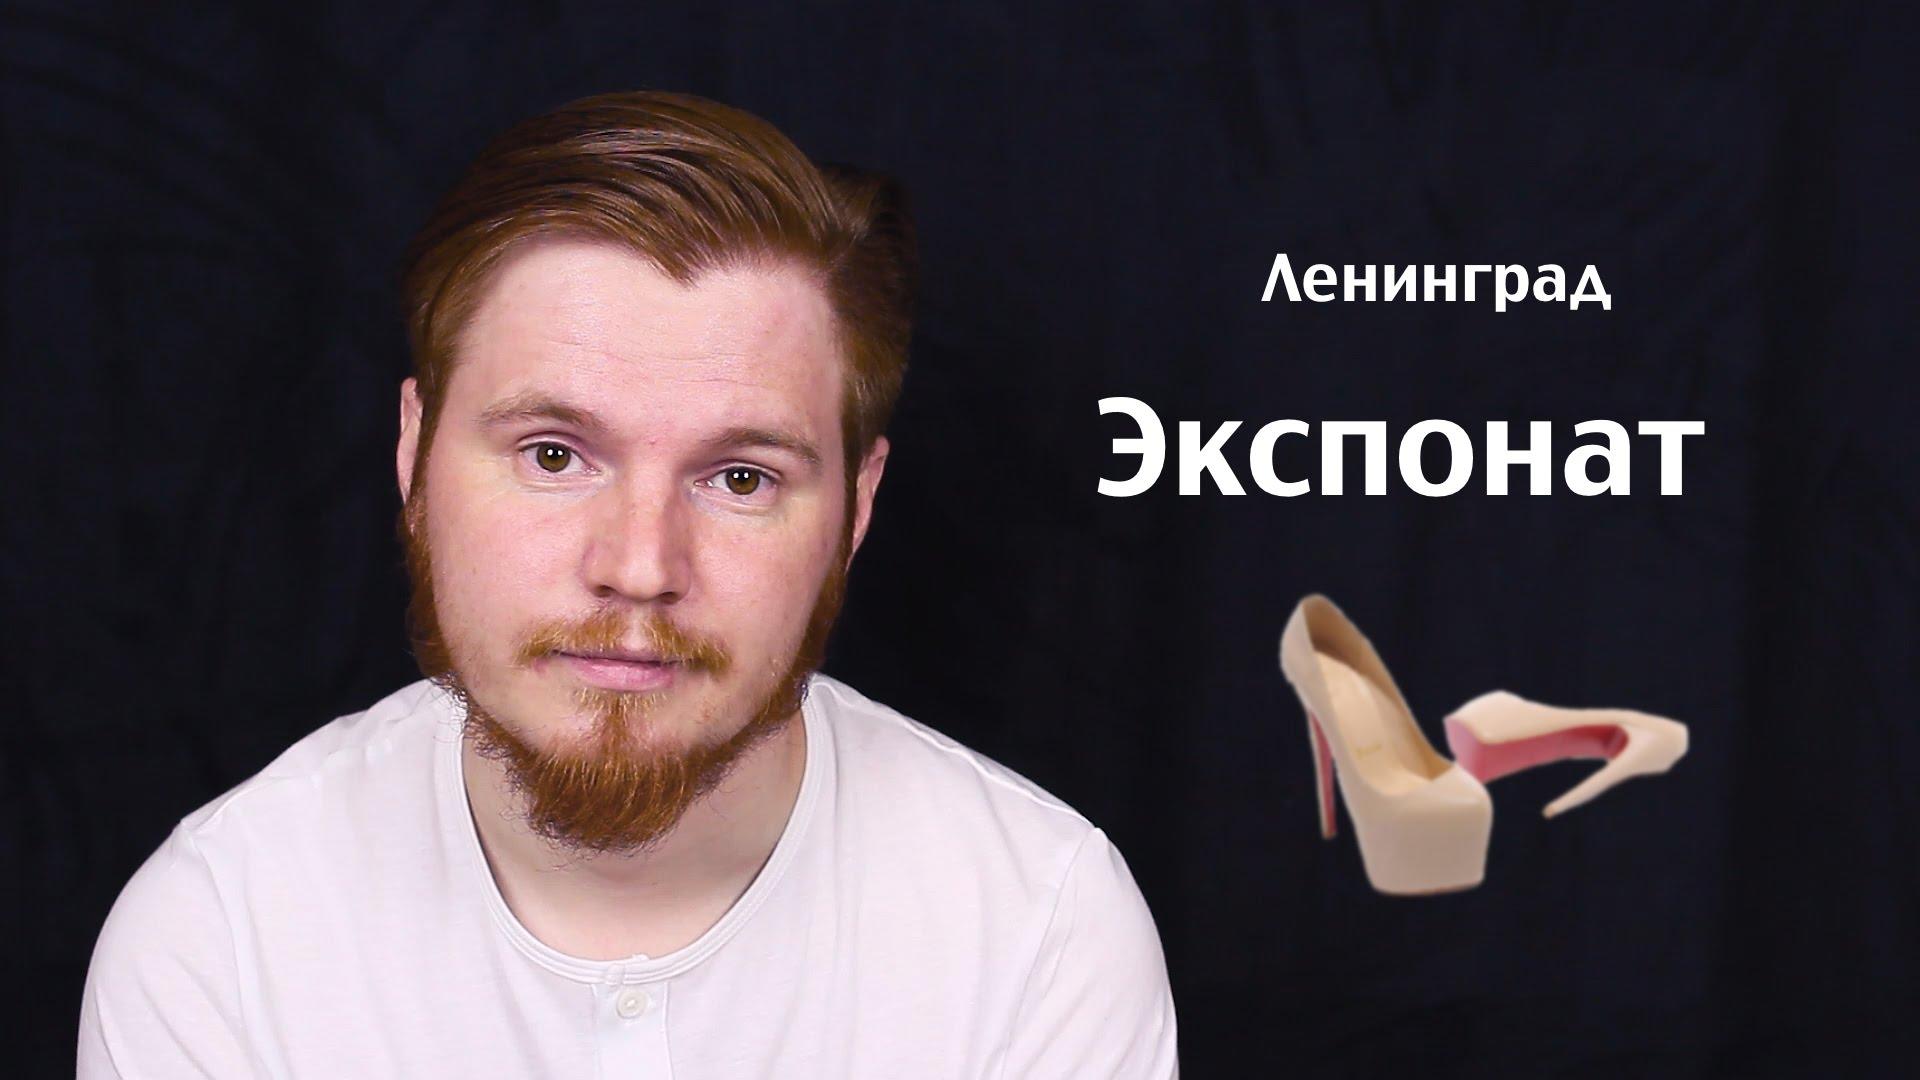 Группировка Ленинград Экспонат (Лабутены) урок игры на укулеле от Ukulele Kid